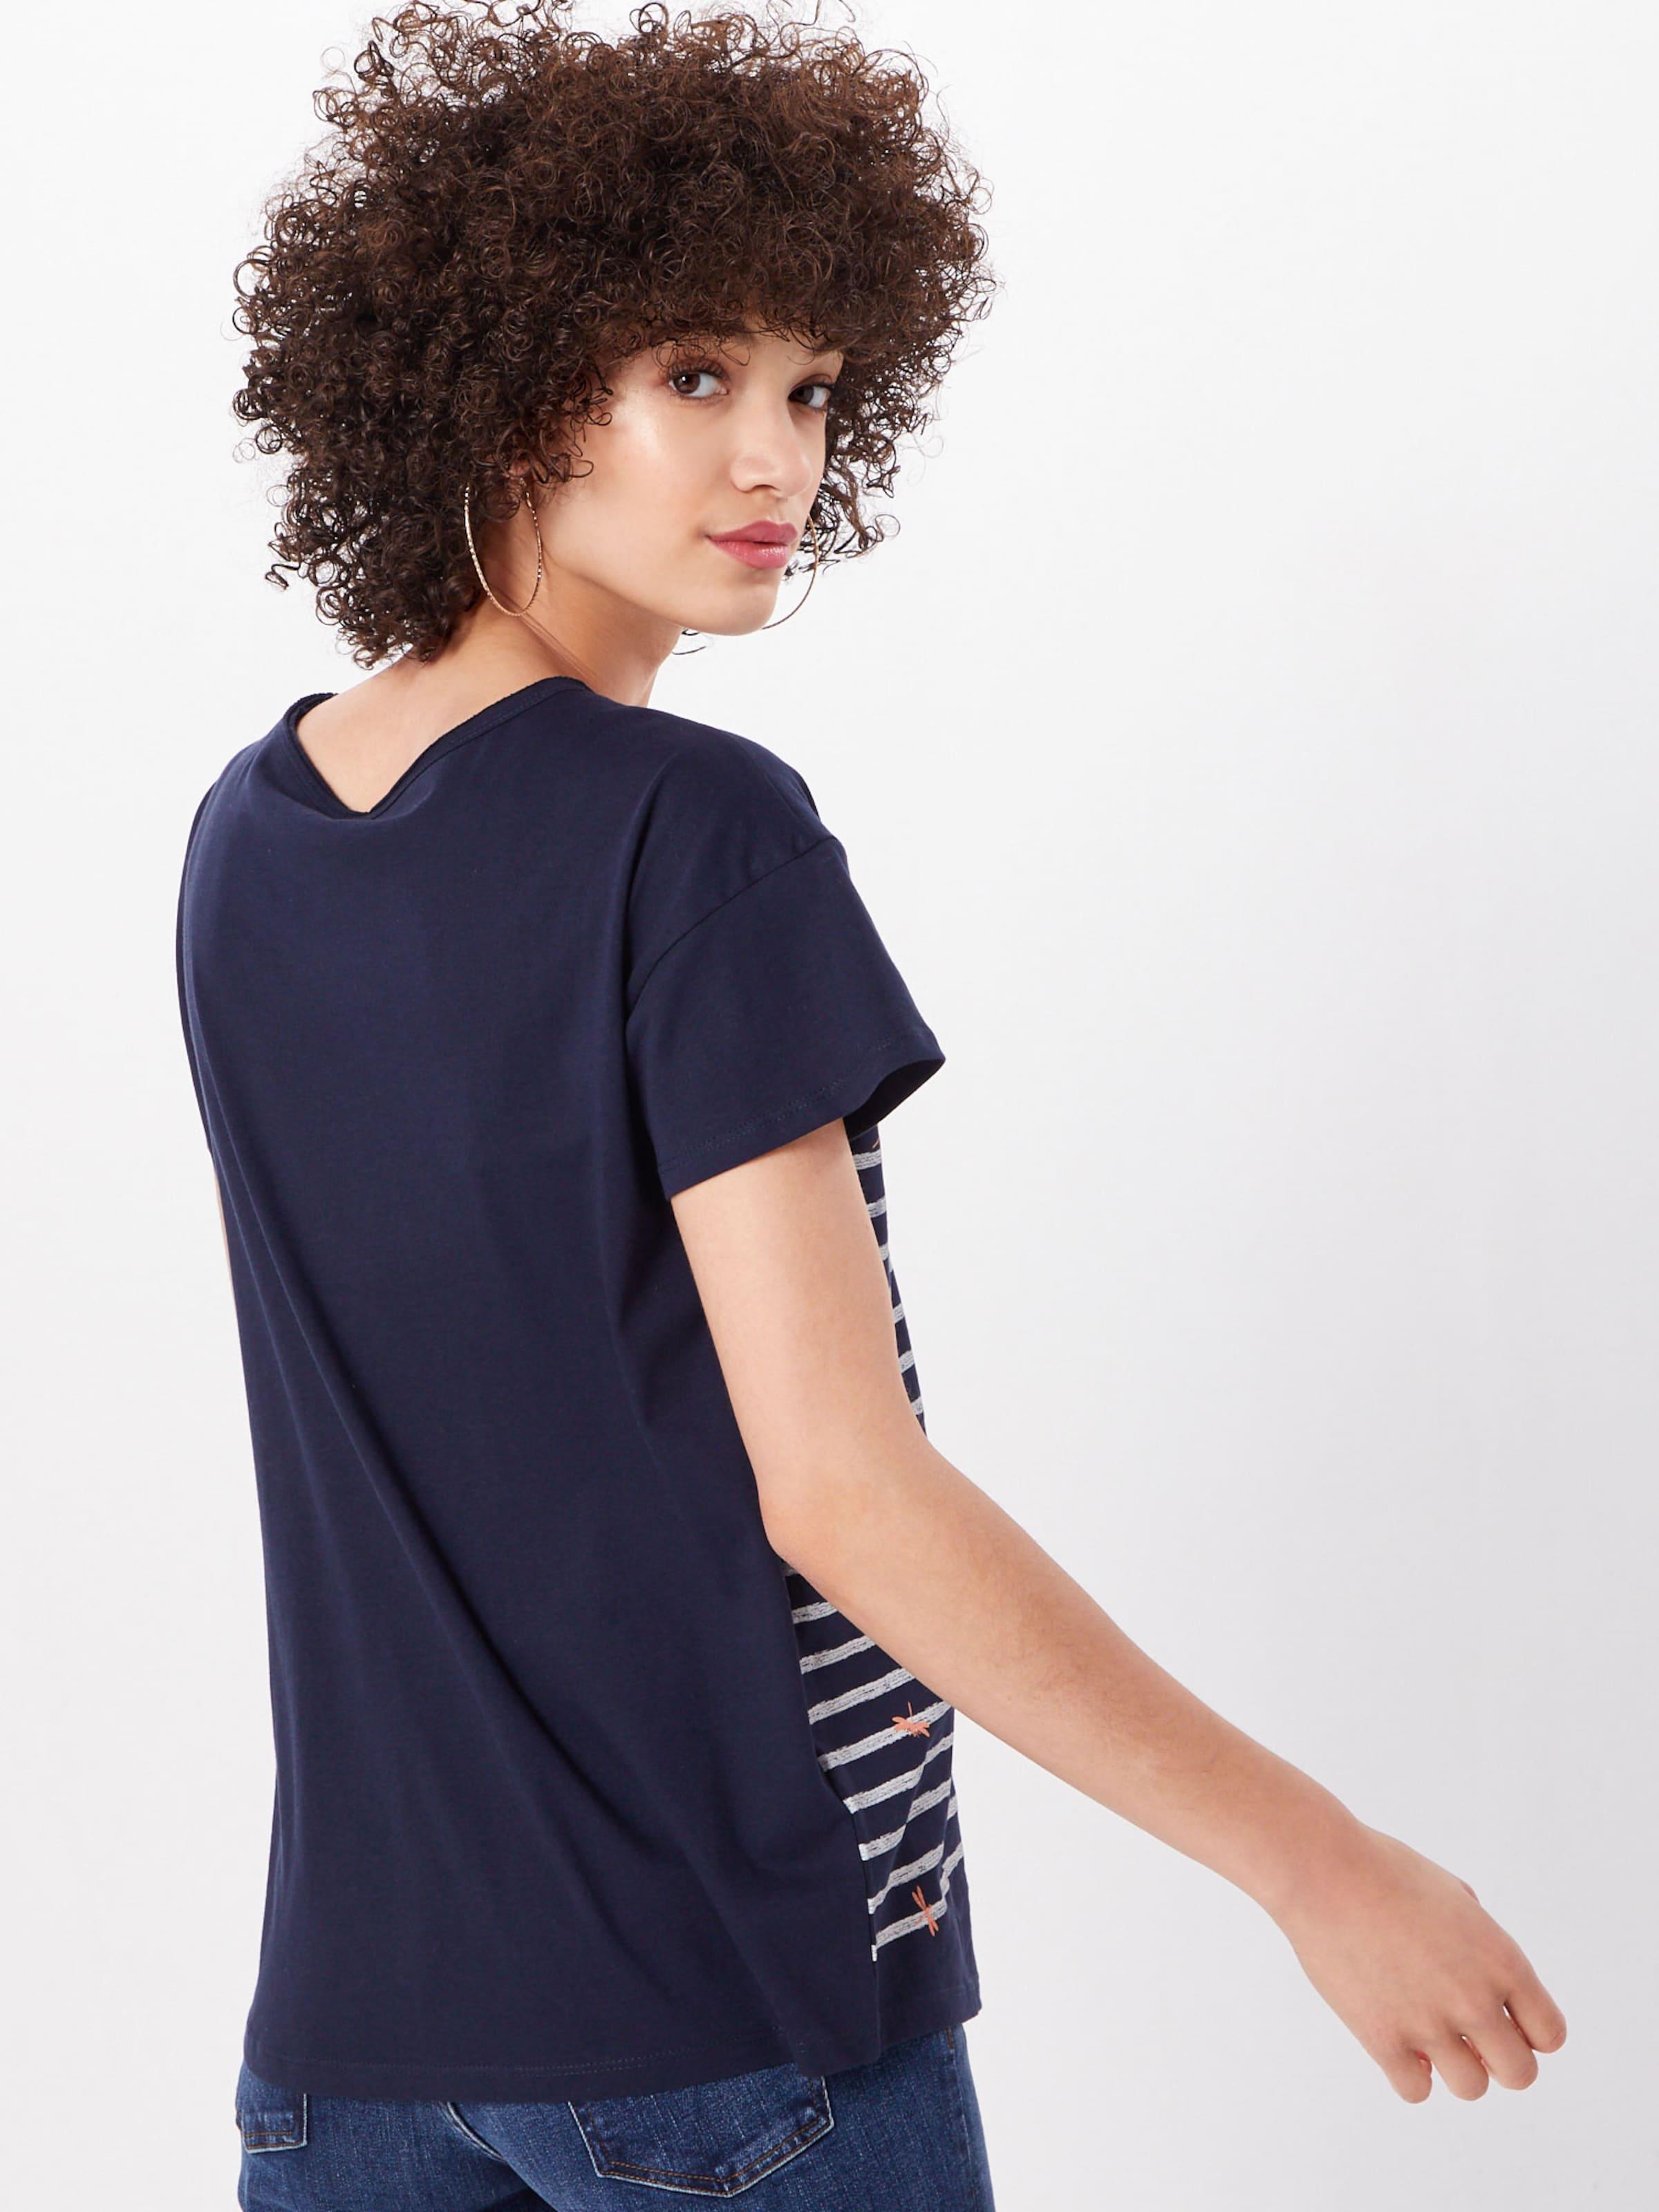 Esprit Rosé By T shirt Edc En n0vOm8wyNP